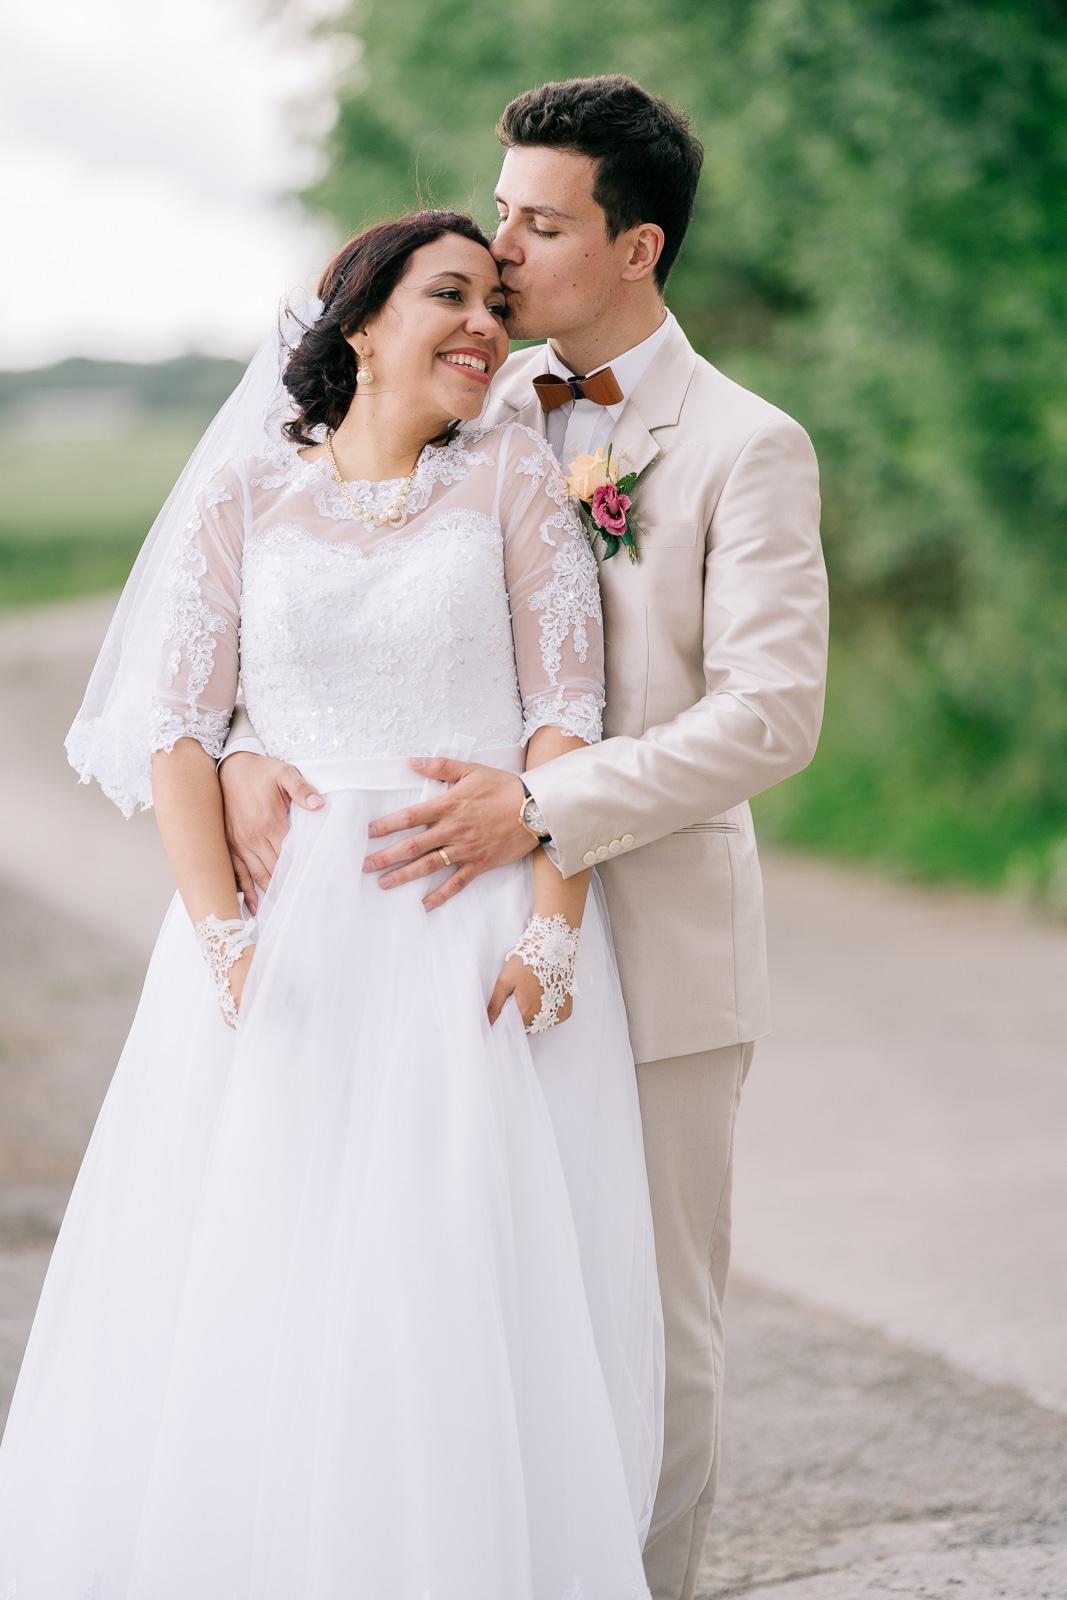 photographe-mariage-belgique-3